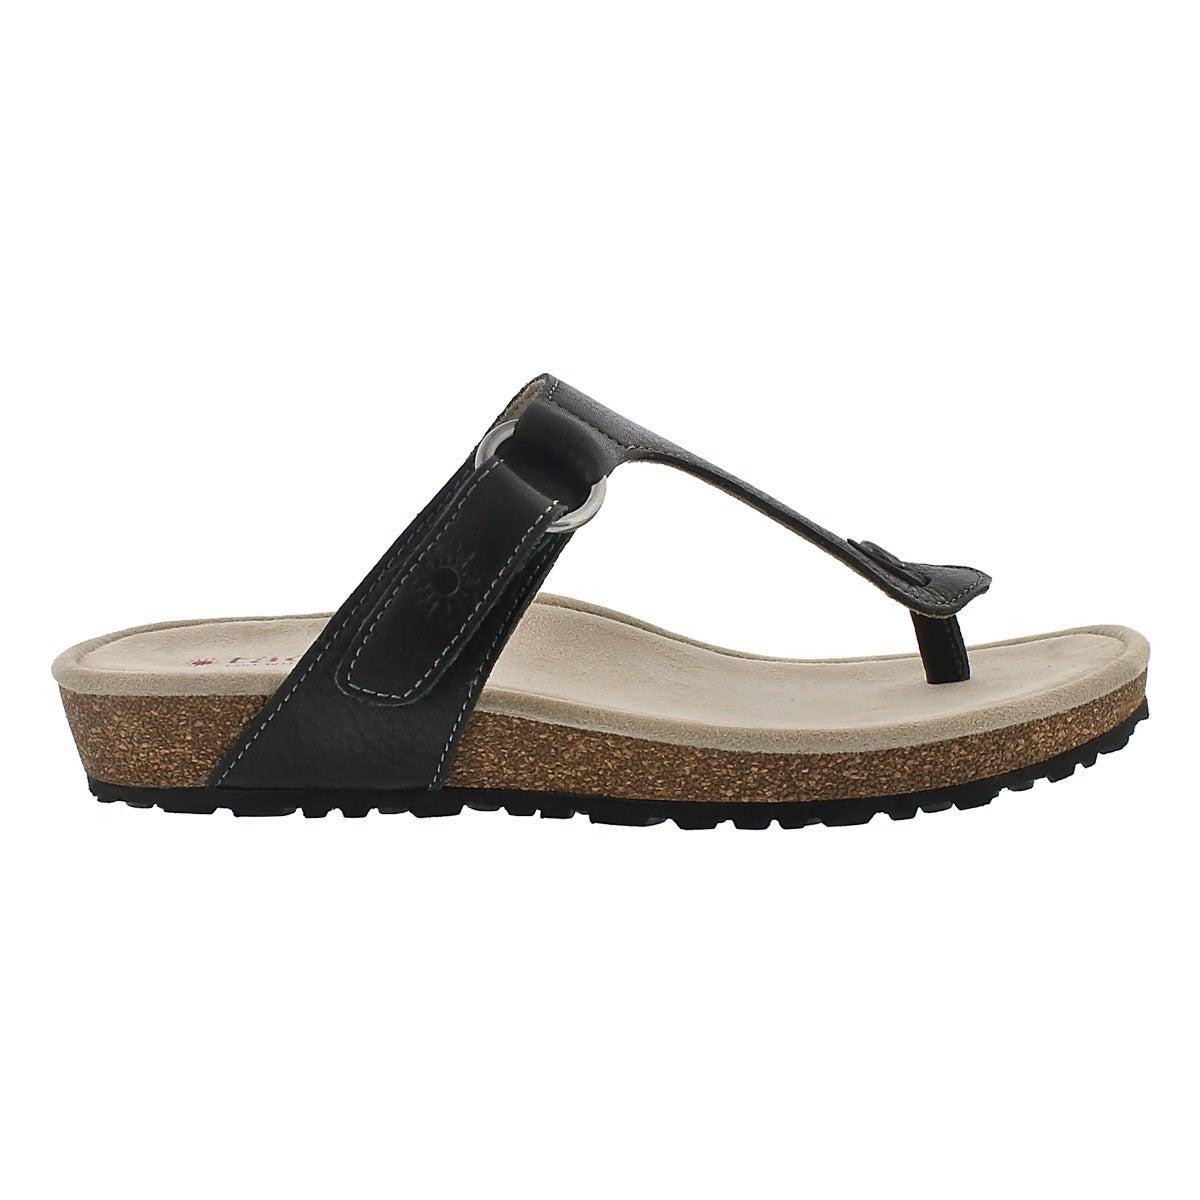 Sandale tong Louisa, noir, femmes